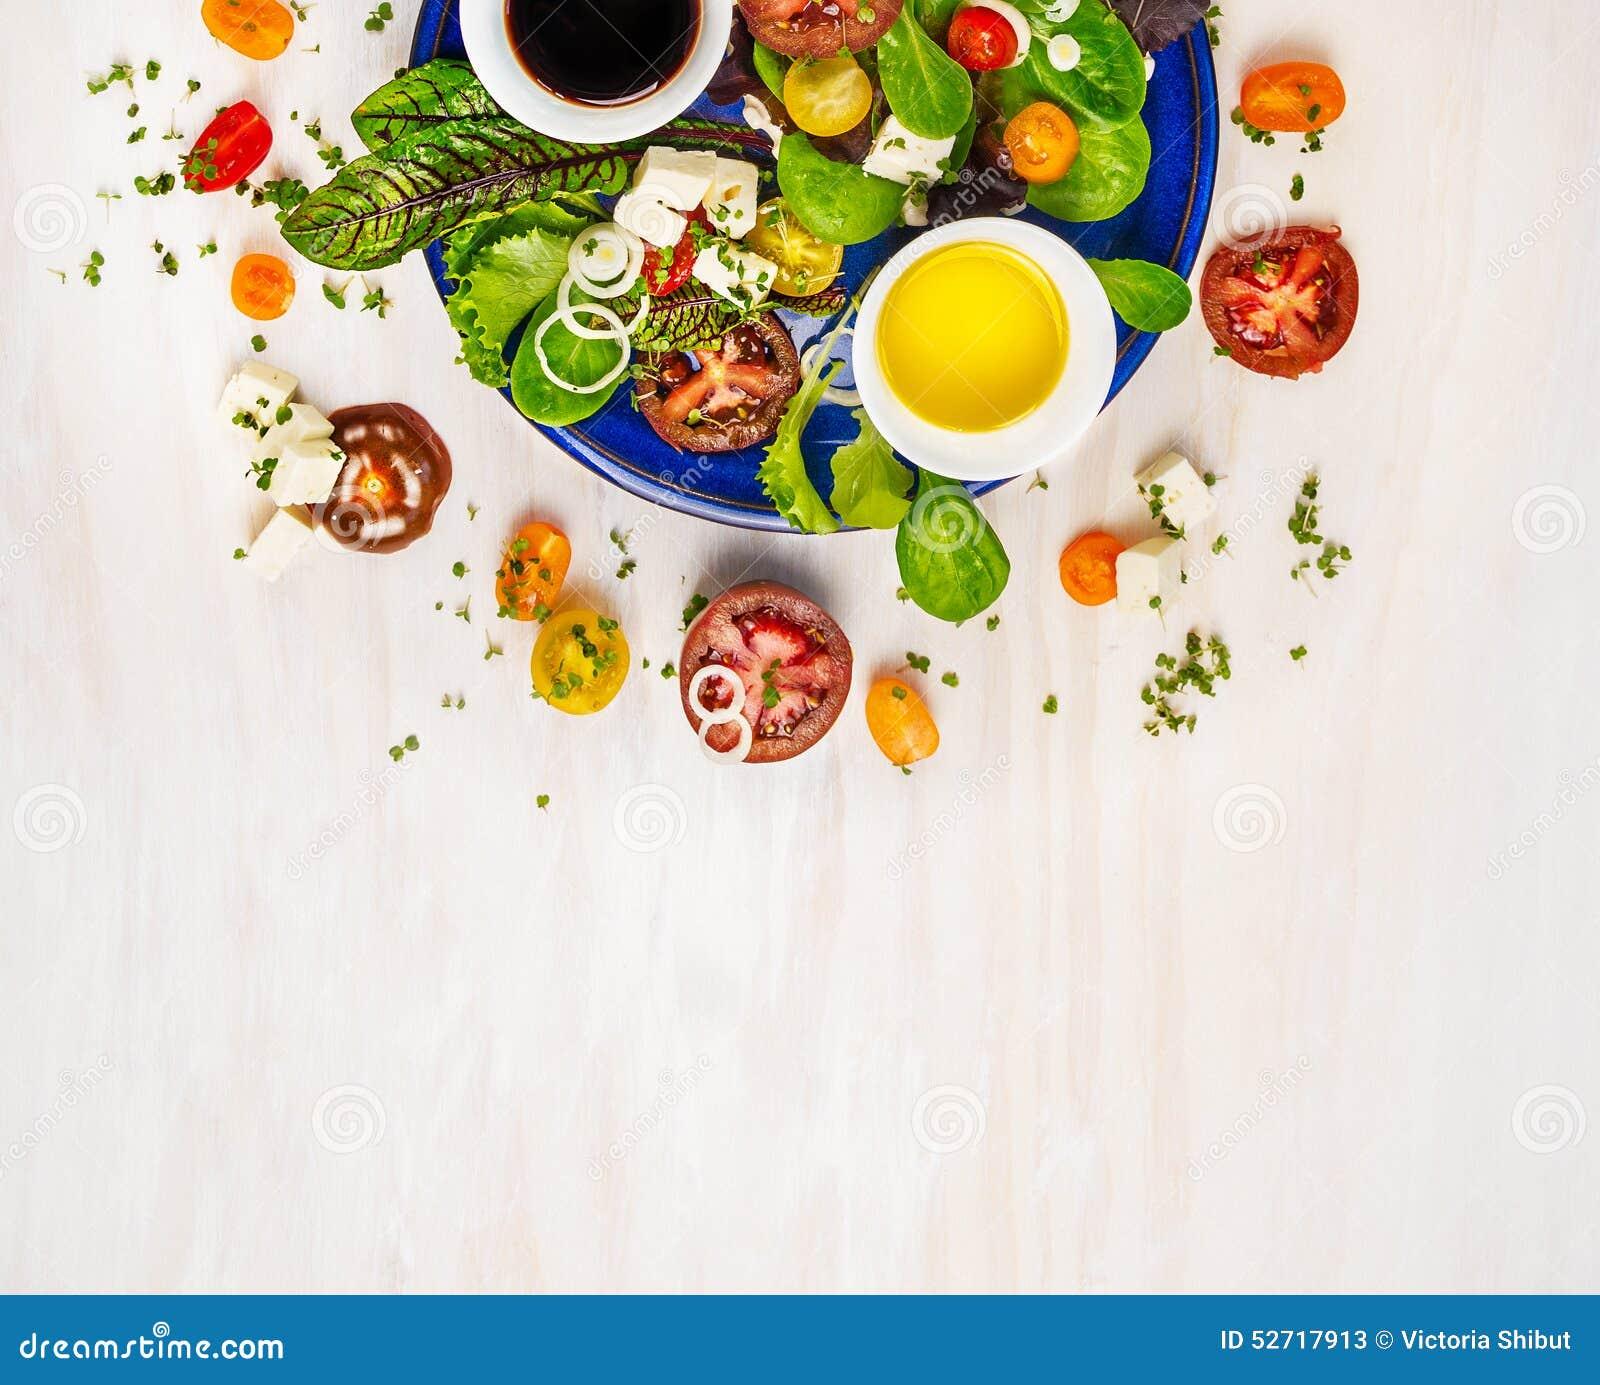 Salade avec les tomates, le feta, le vinaigrette balsamique de mustart et la variation de verts, du plat bleu